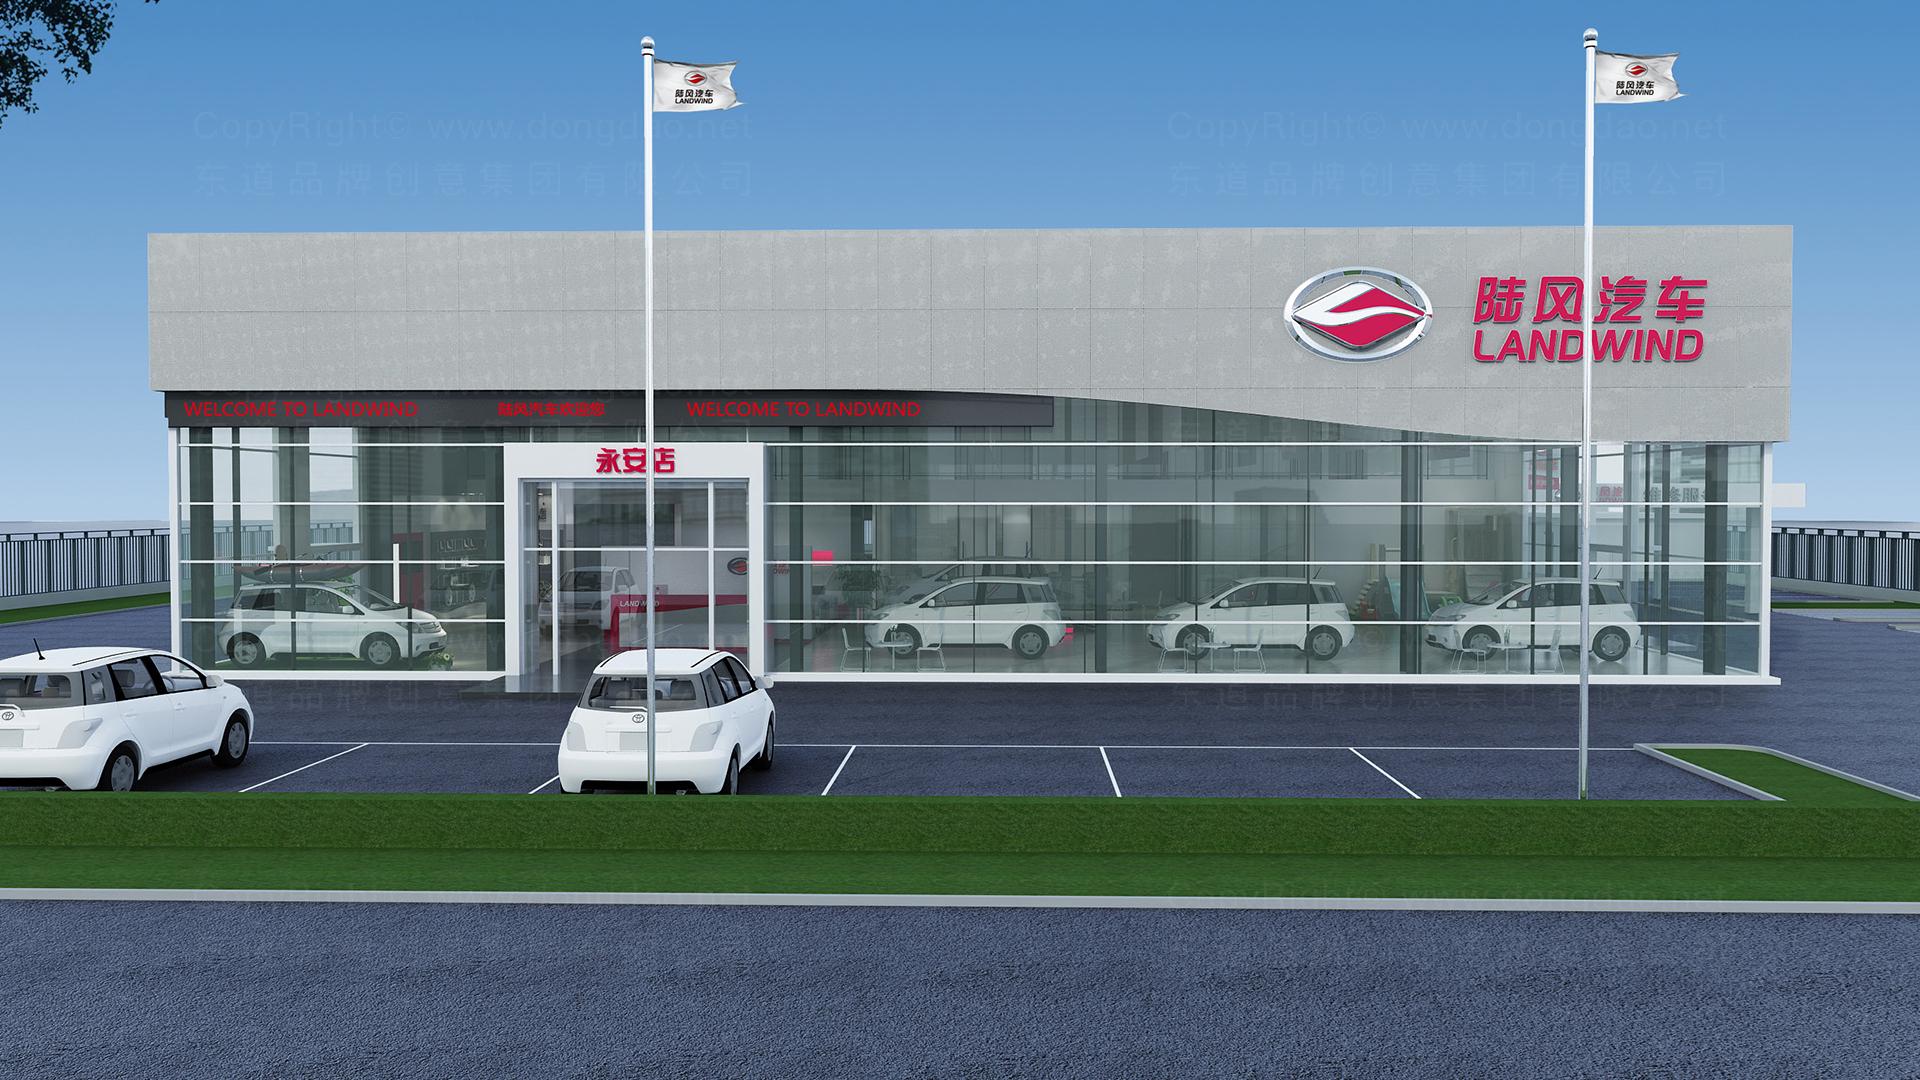 案例陆风汽车4S店设计